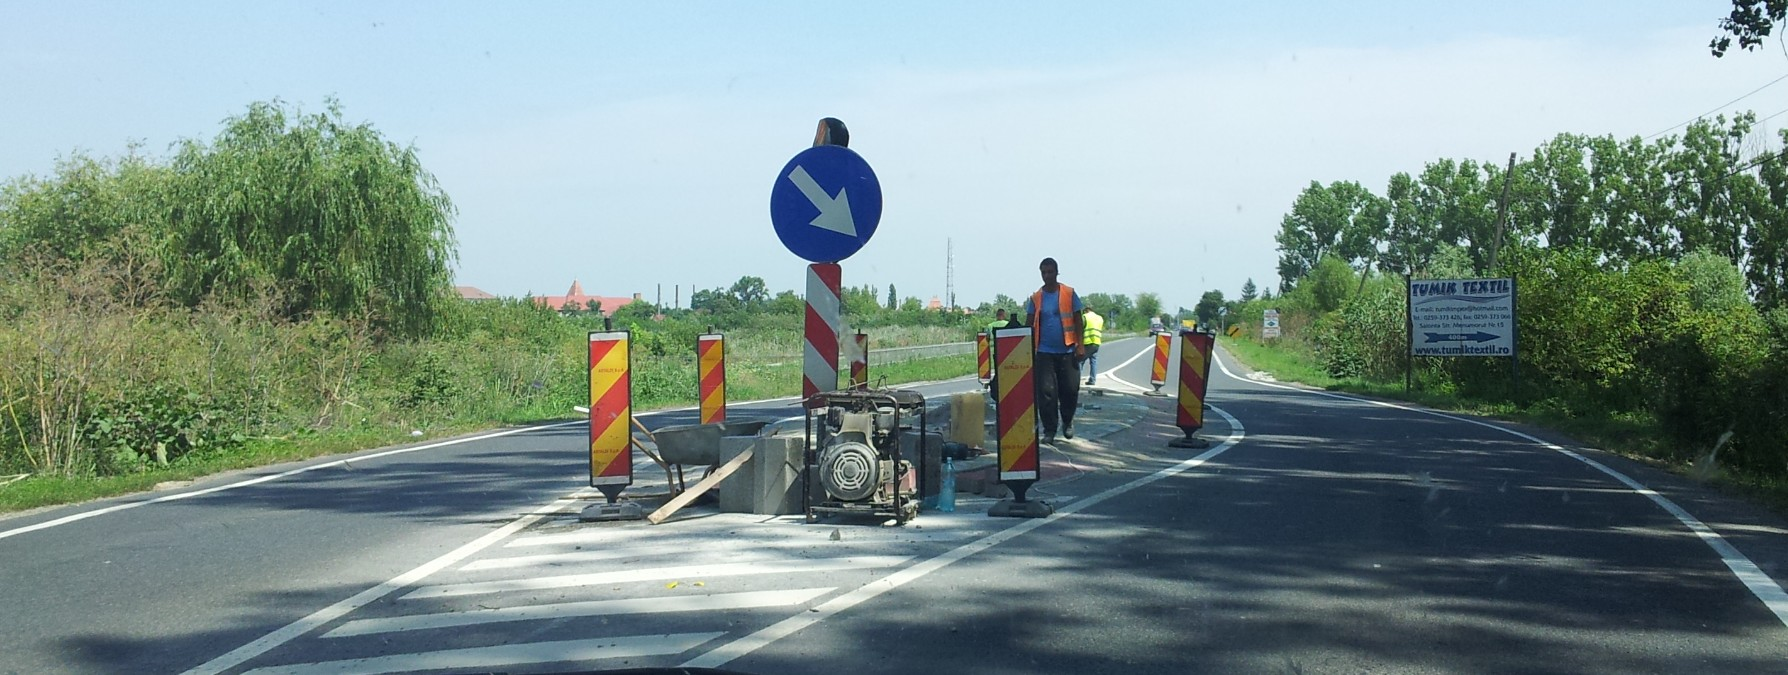 """""""Insulele"""" de la intrarea în localităţile din Bihor sunt în curs de """"netezire"""", renunţându-se la vechile borduri. În Arad, nicio schimbare. Spuneţi-vă mai jos părerea!"""